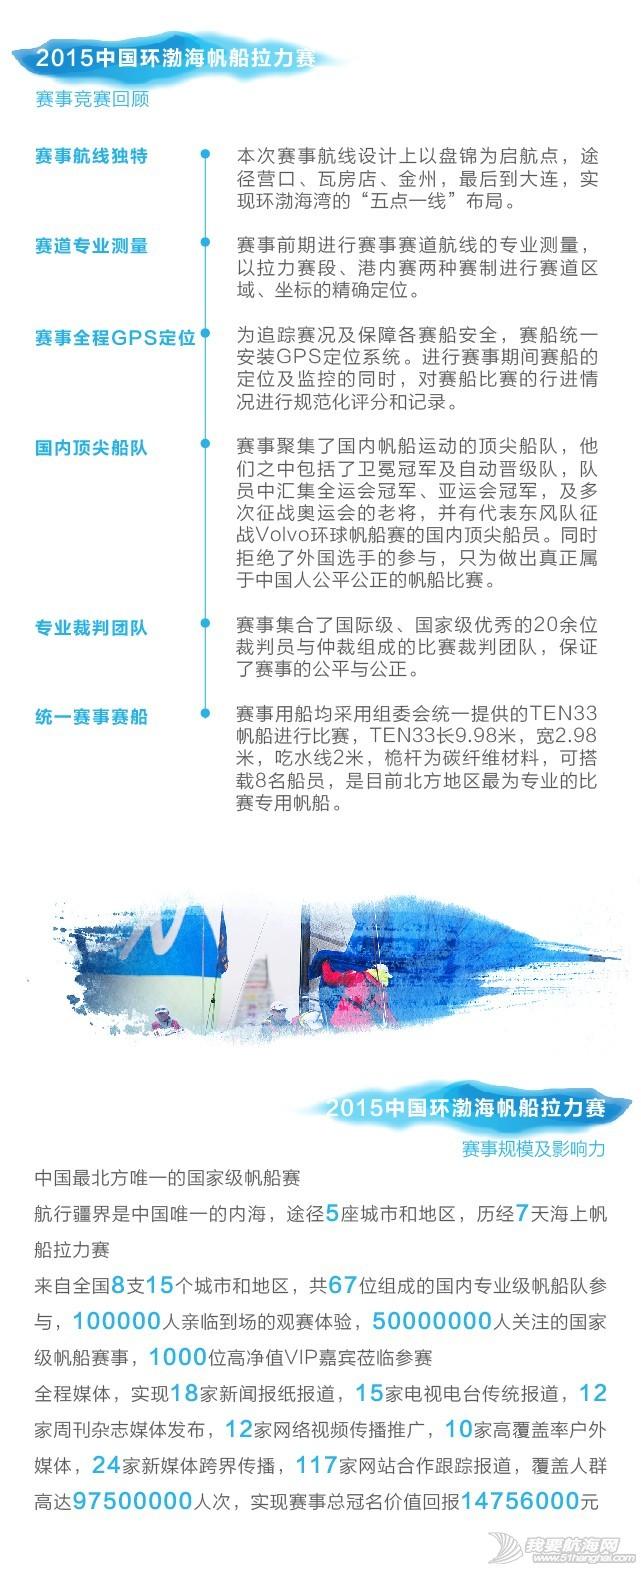 拉力赛,中国,渤海,帆船 2016中国环渤海帆船拉力赛 111438fidpb6tepj62iu76.jpg